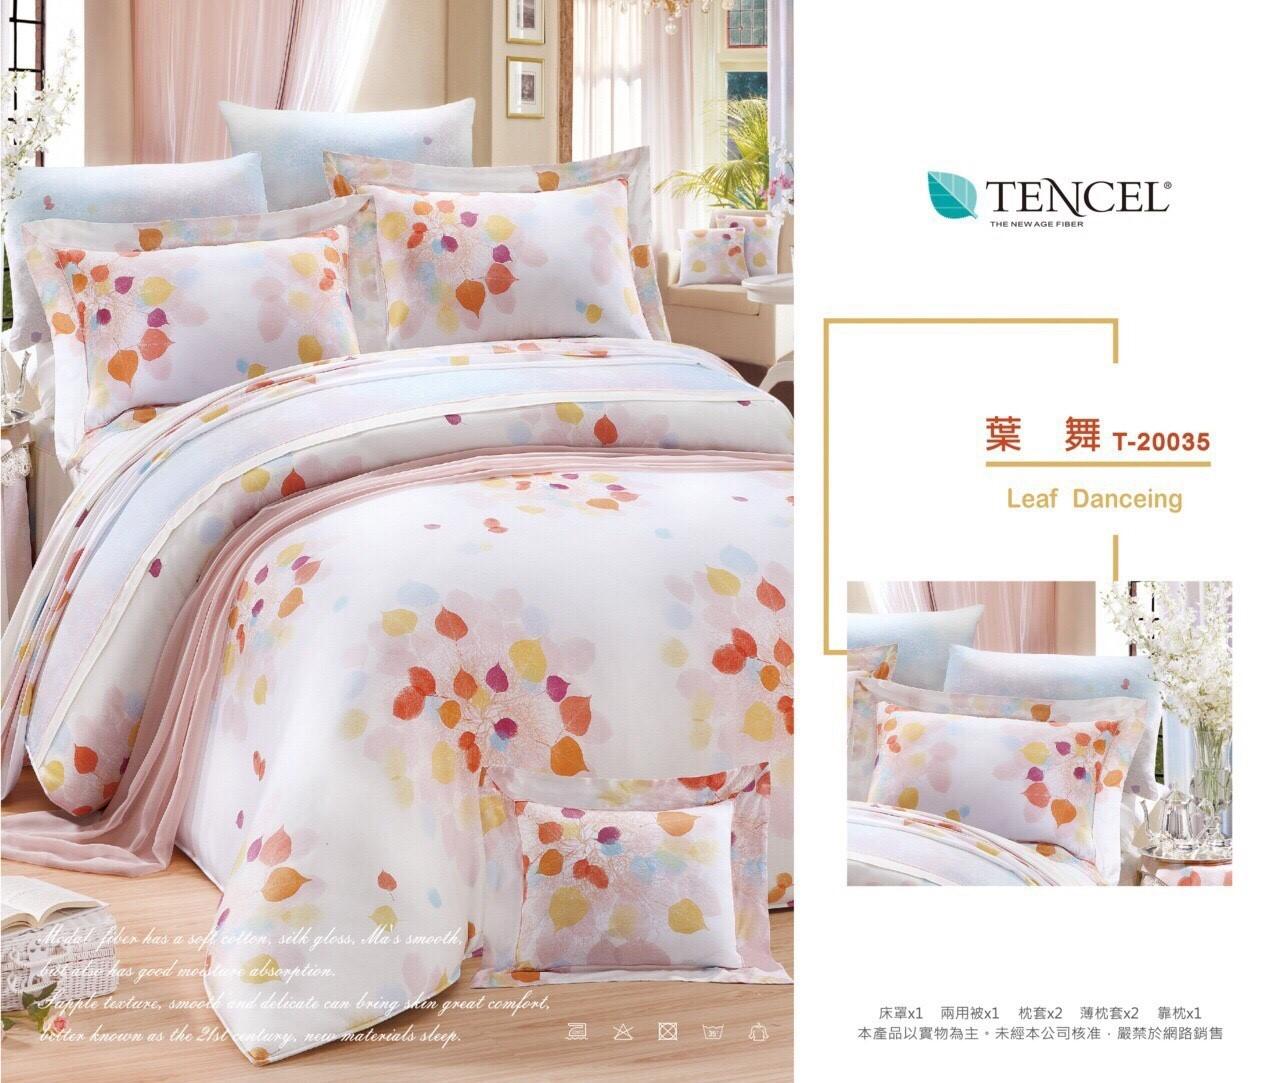 【特惠純天然】舞葉7件式天絲鋪棉床罩組